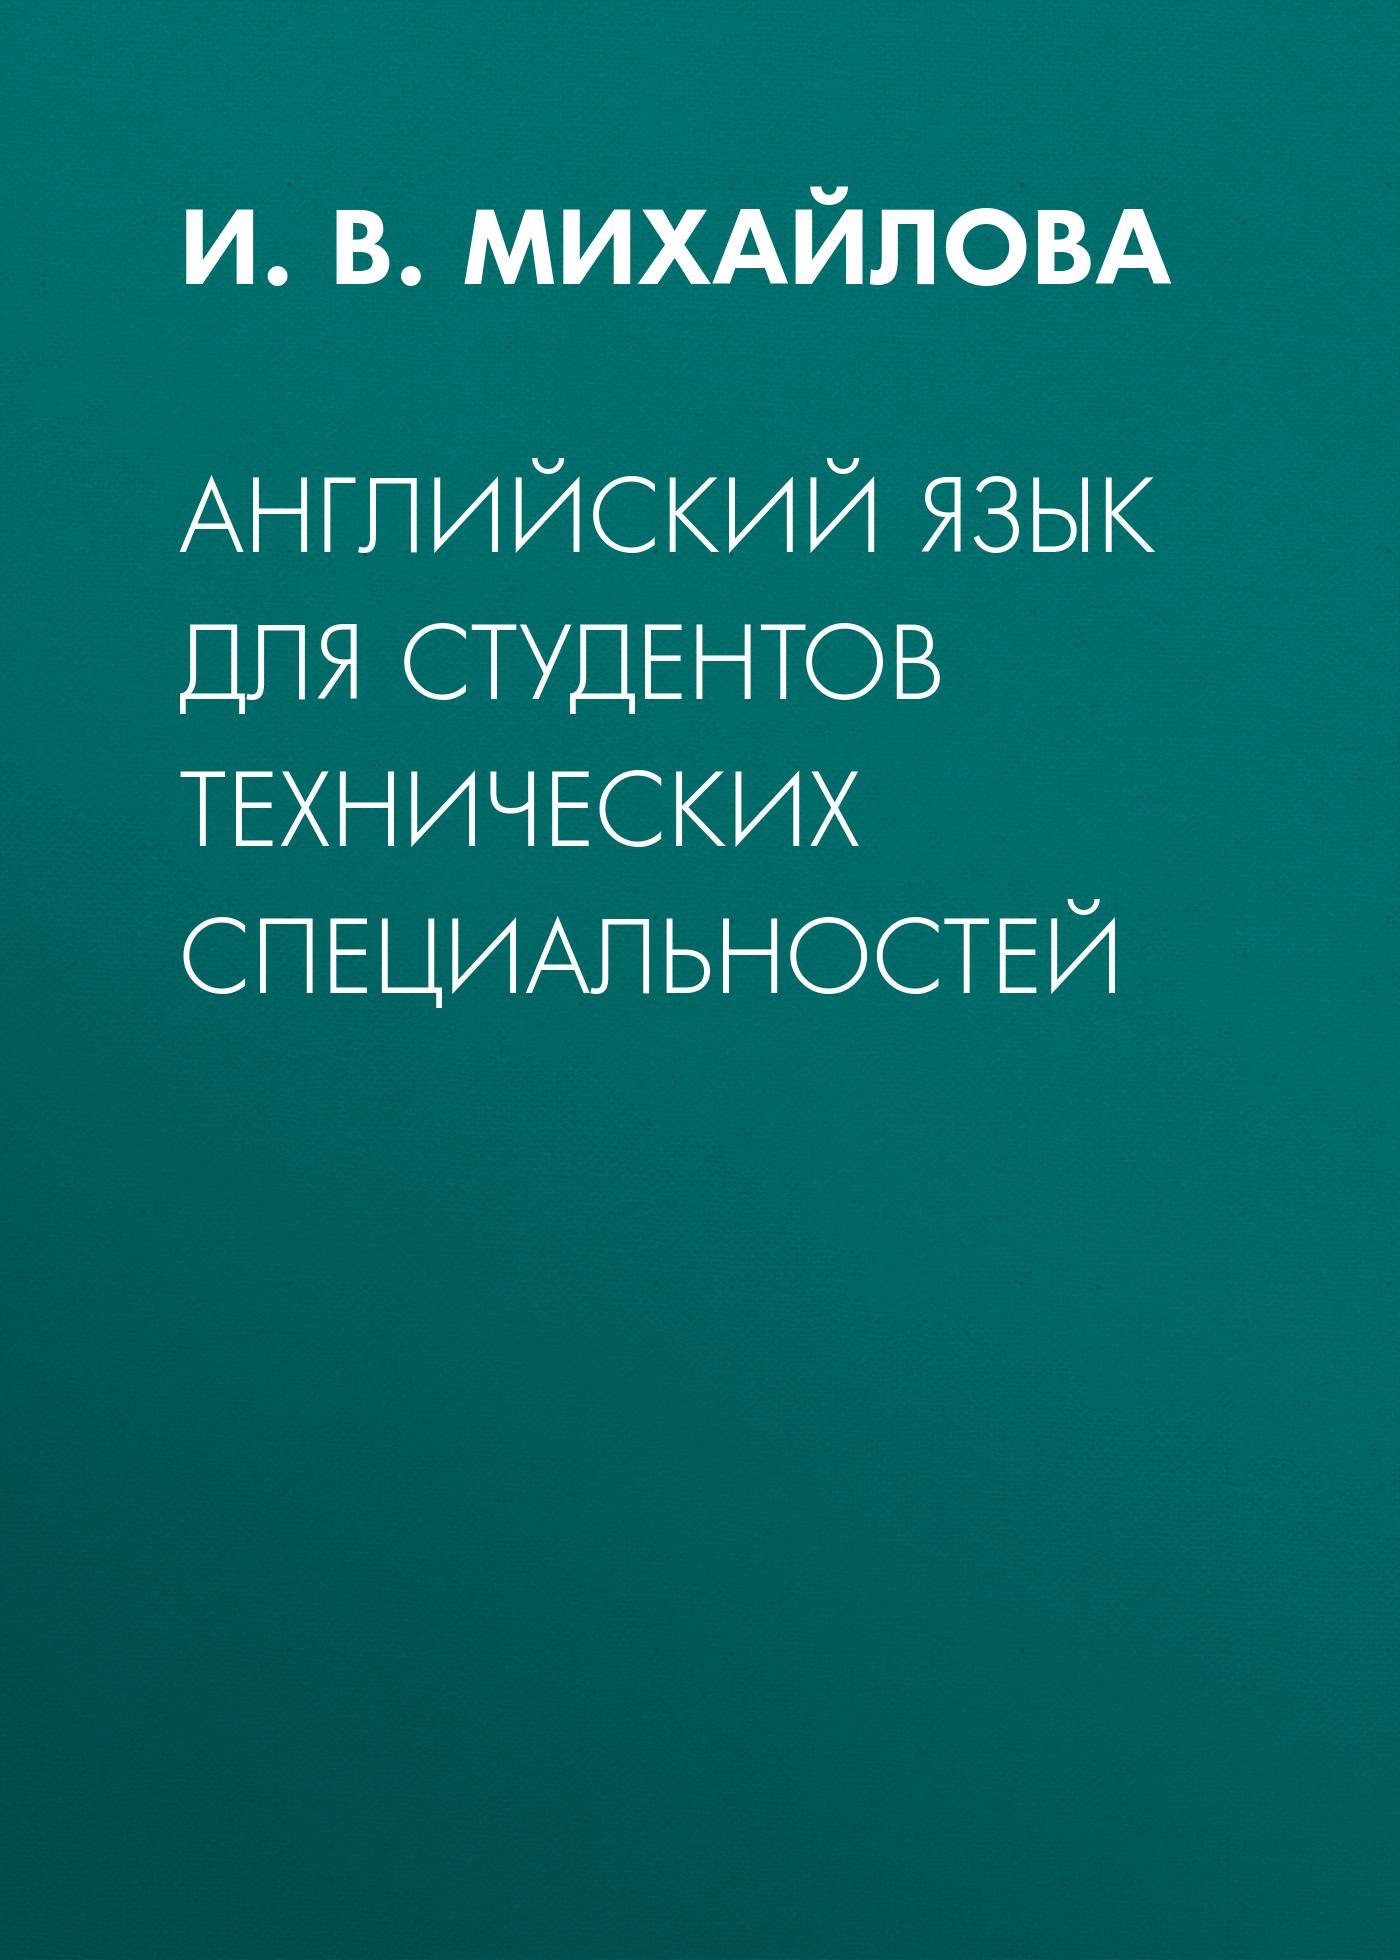 И. В. Михайлова Английский язык для студентов технических специальностей волкова с английский язык для аграрных вузов учебное пособие